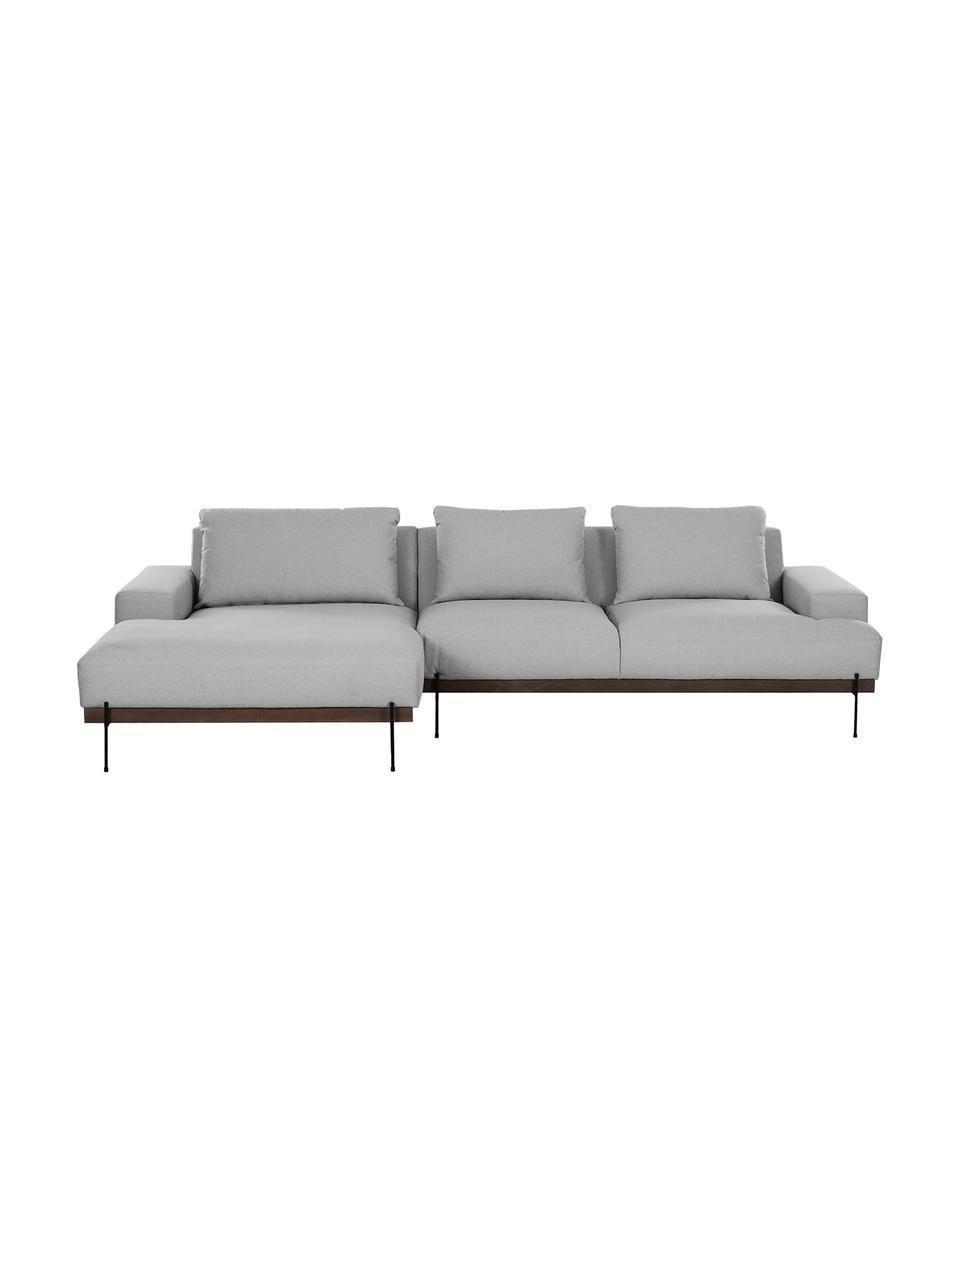 Sofa narożna z metalowymi nogami Brooks, Tapicerka: poliester Tapicerka nie j, Stelaż: lite drewno sosnowe, Nogi: metal malowany proszkowo, Szary, S 315 x G 148 cm